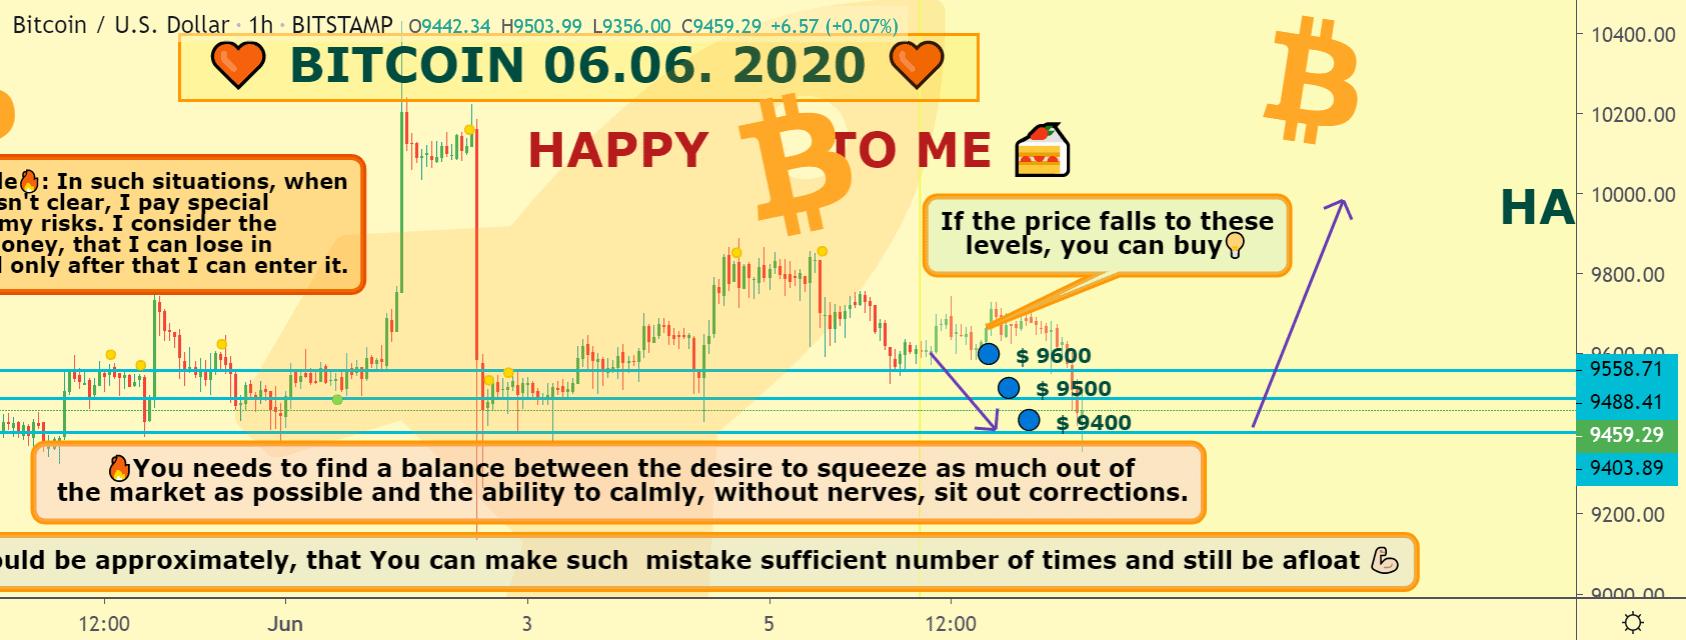 Bitcoin price chart 2 - 7Jun